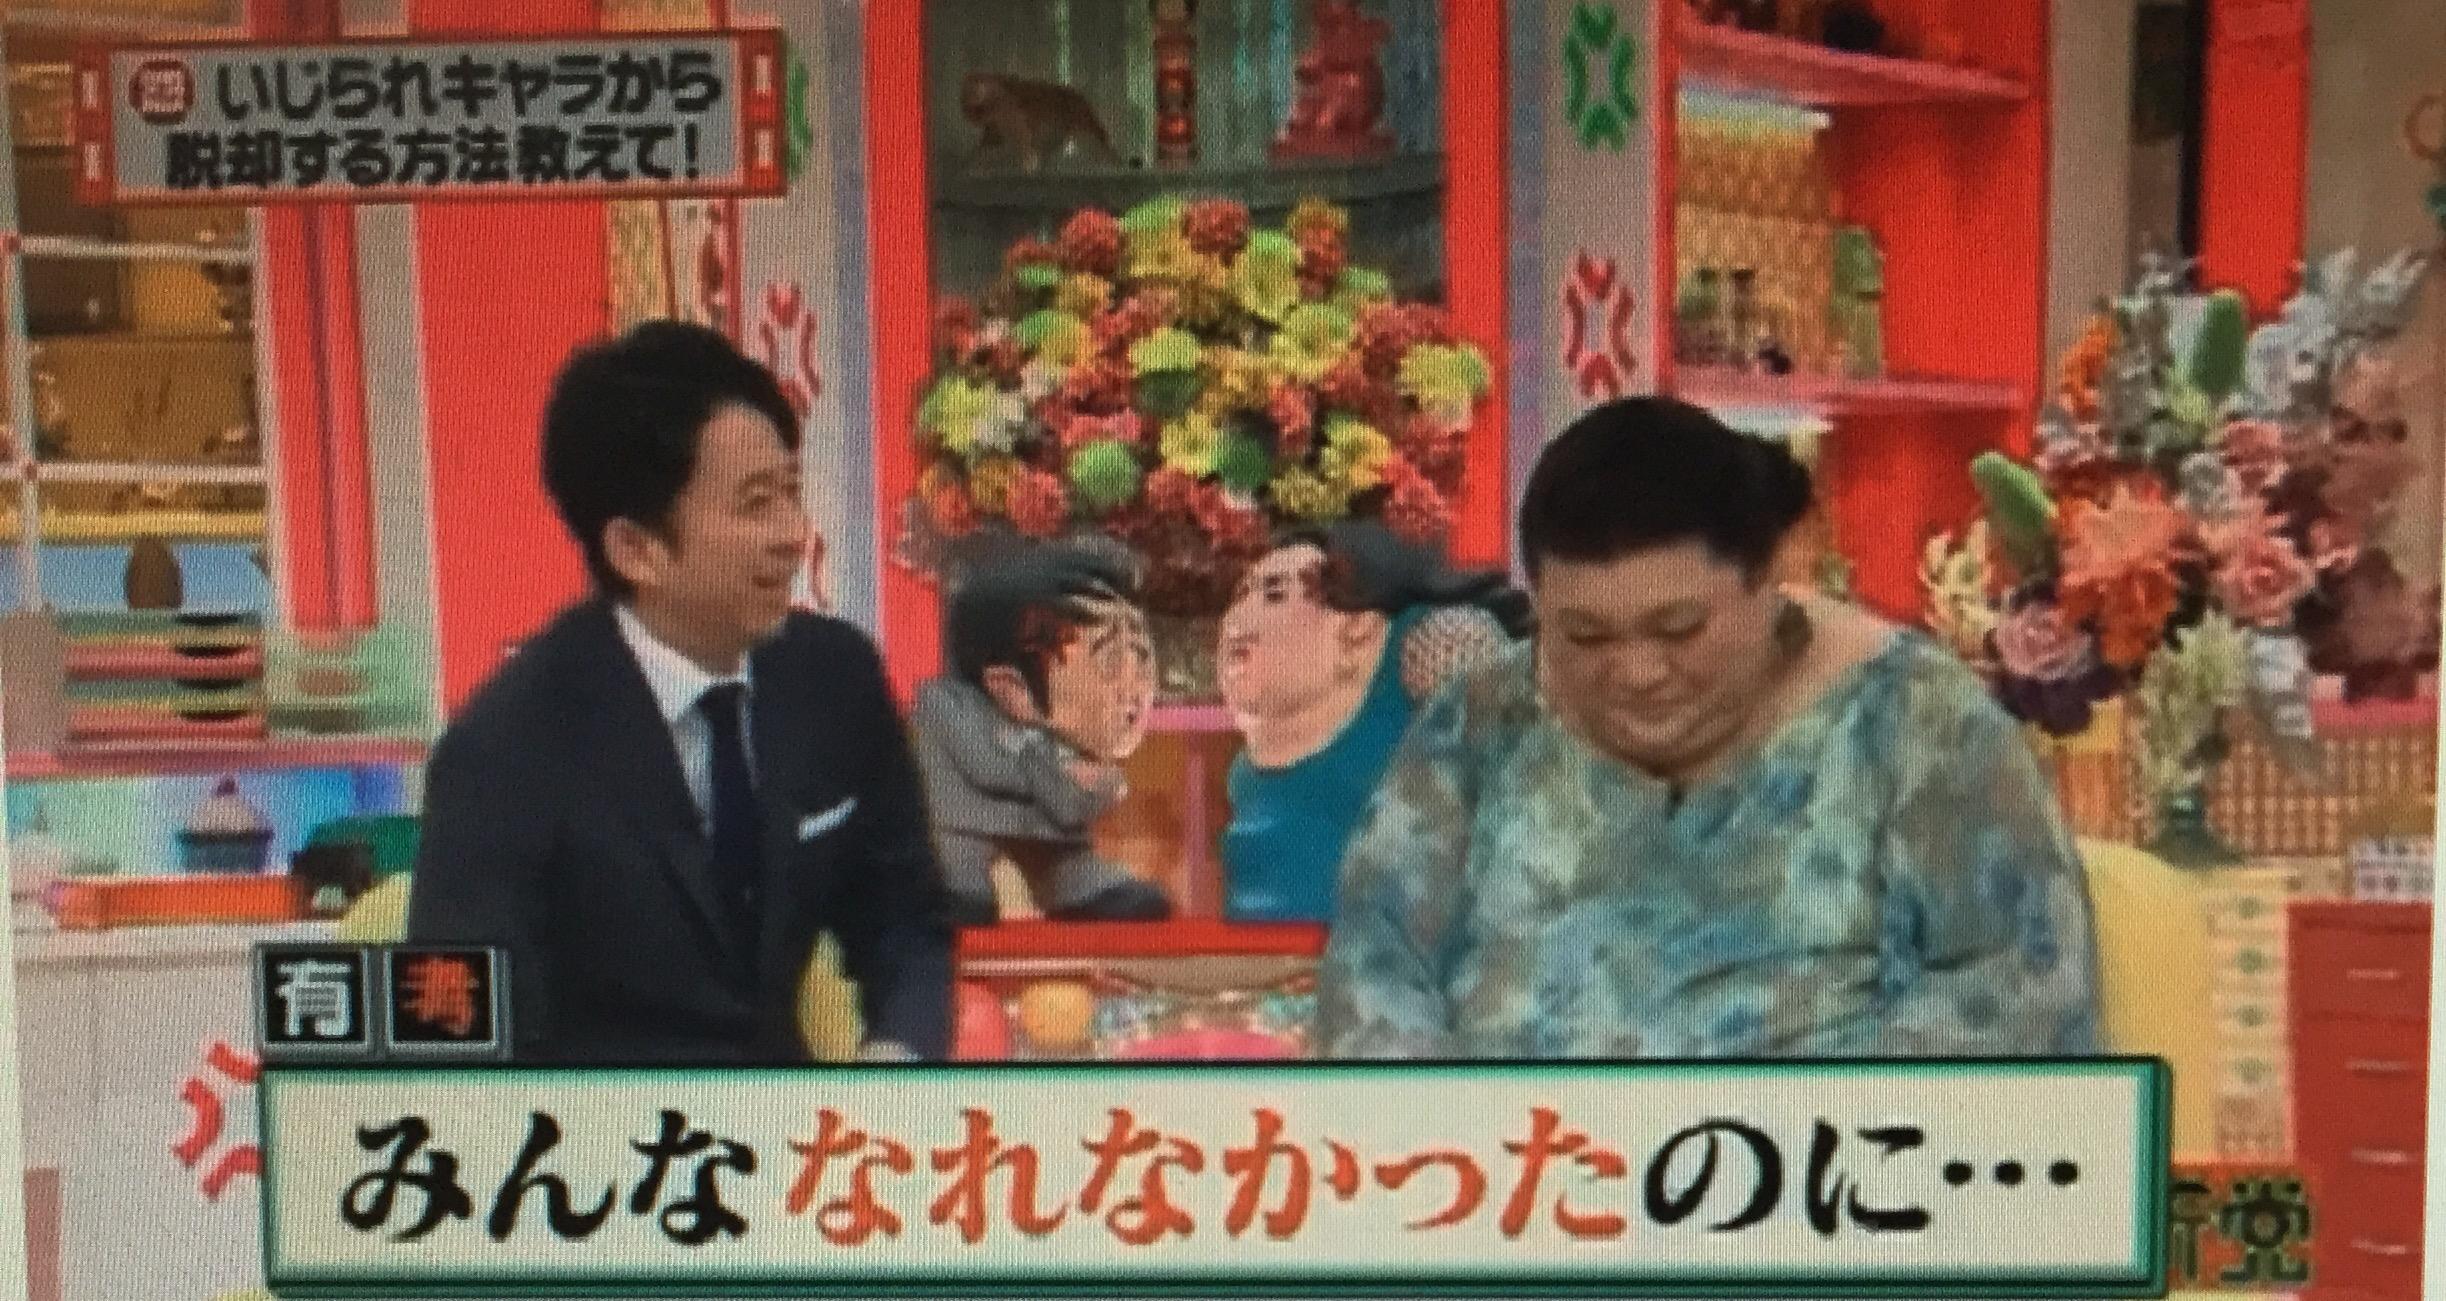 有吉も松ちゃんを心から尊敬している!「全員が松本人志を目指したが誰もなれなかった!」